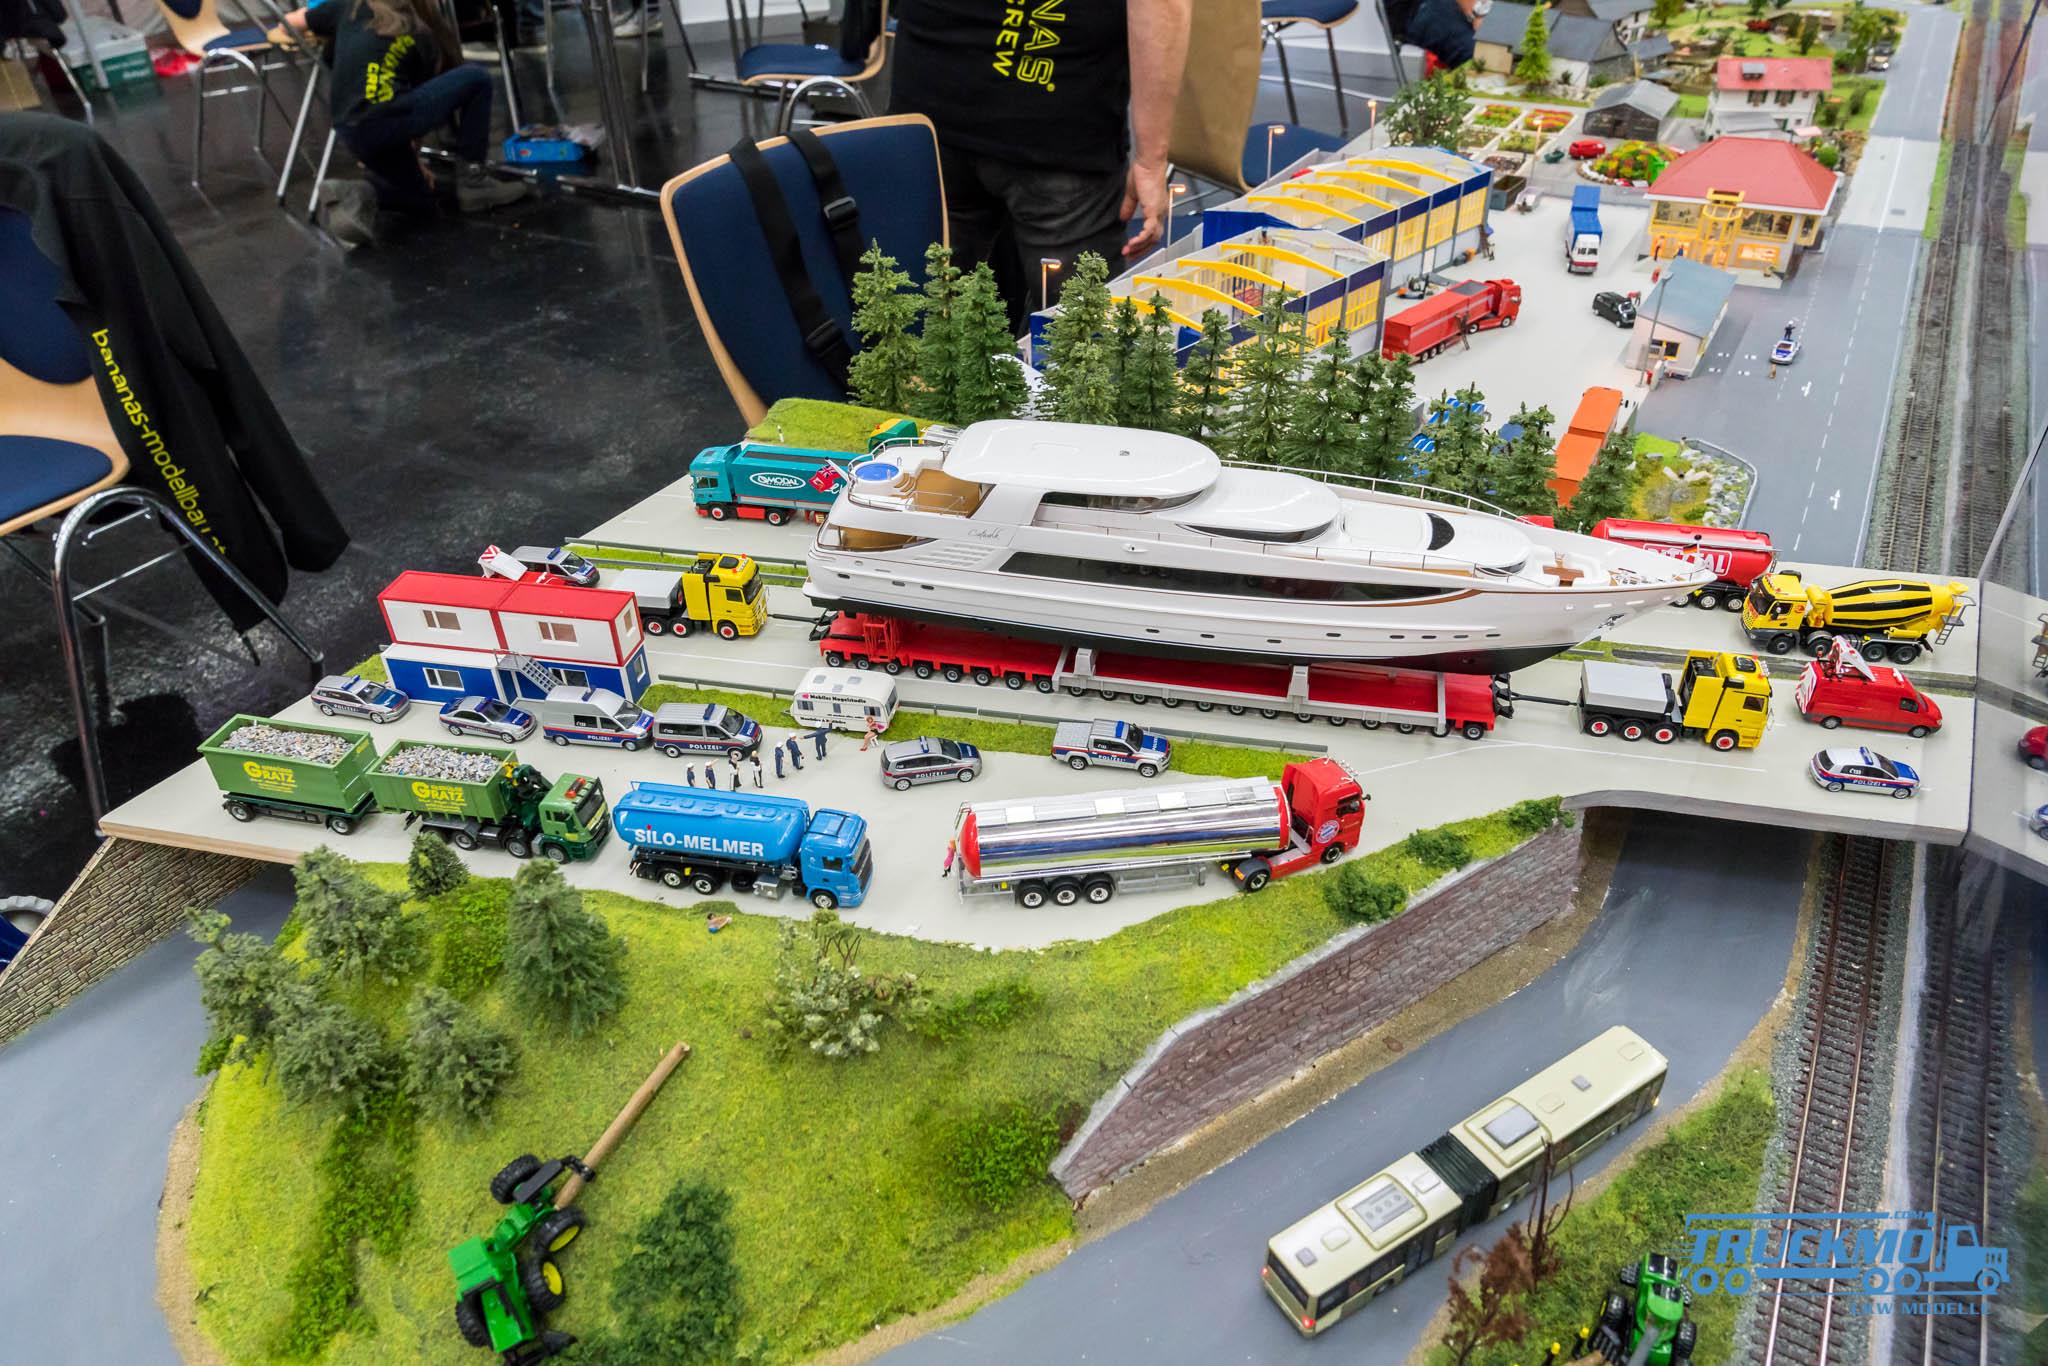 Truckmo_Modellbau_Ried_2017_Herpa_Messe_Modellbauausstellung (257 von 1177)